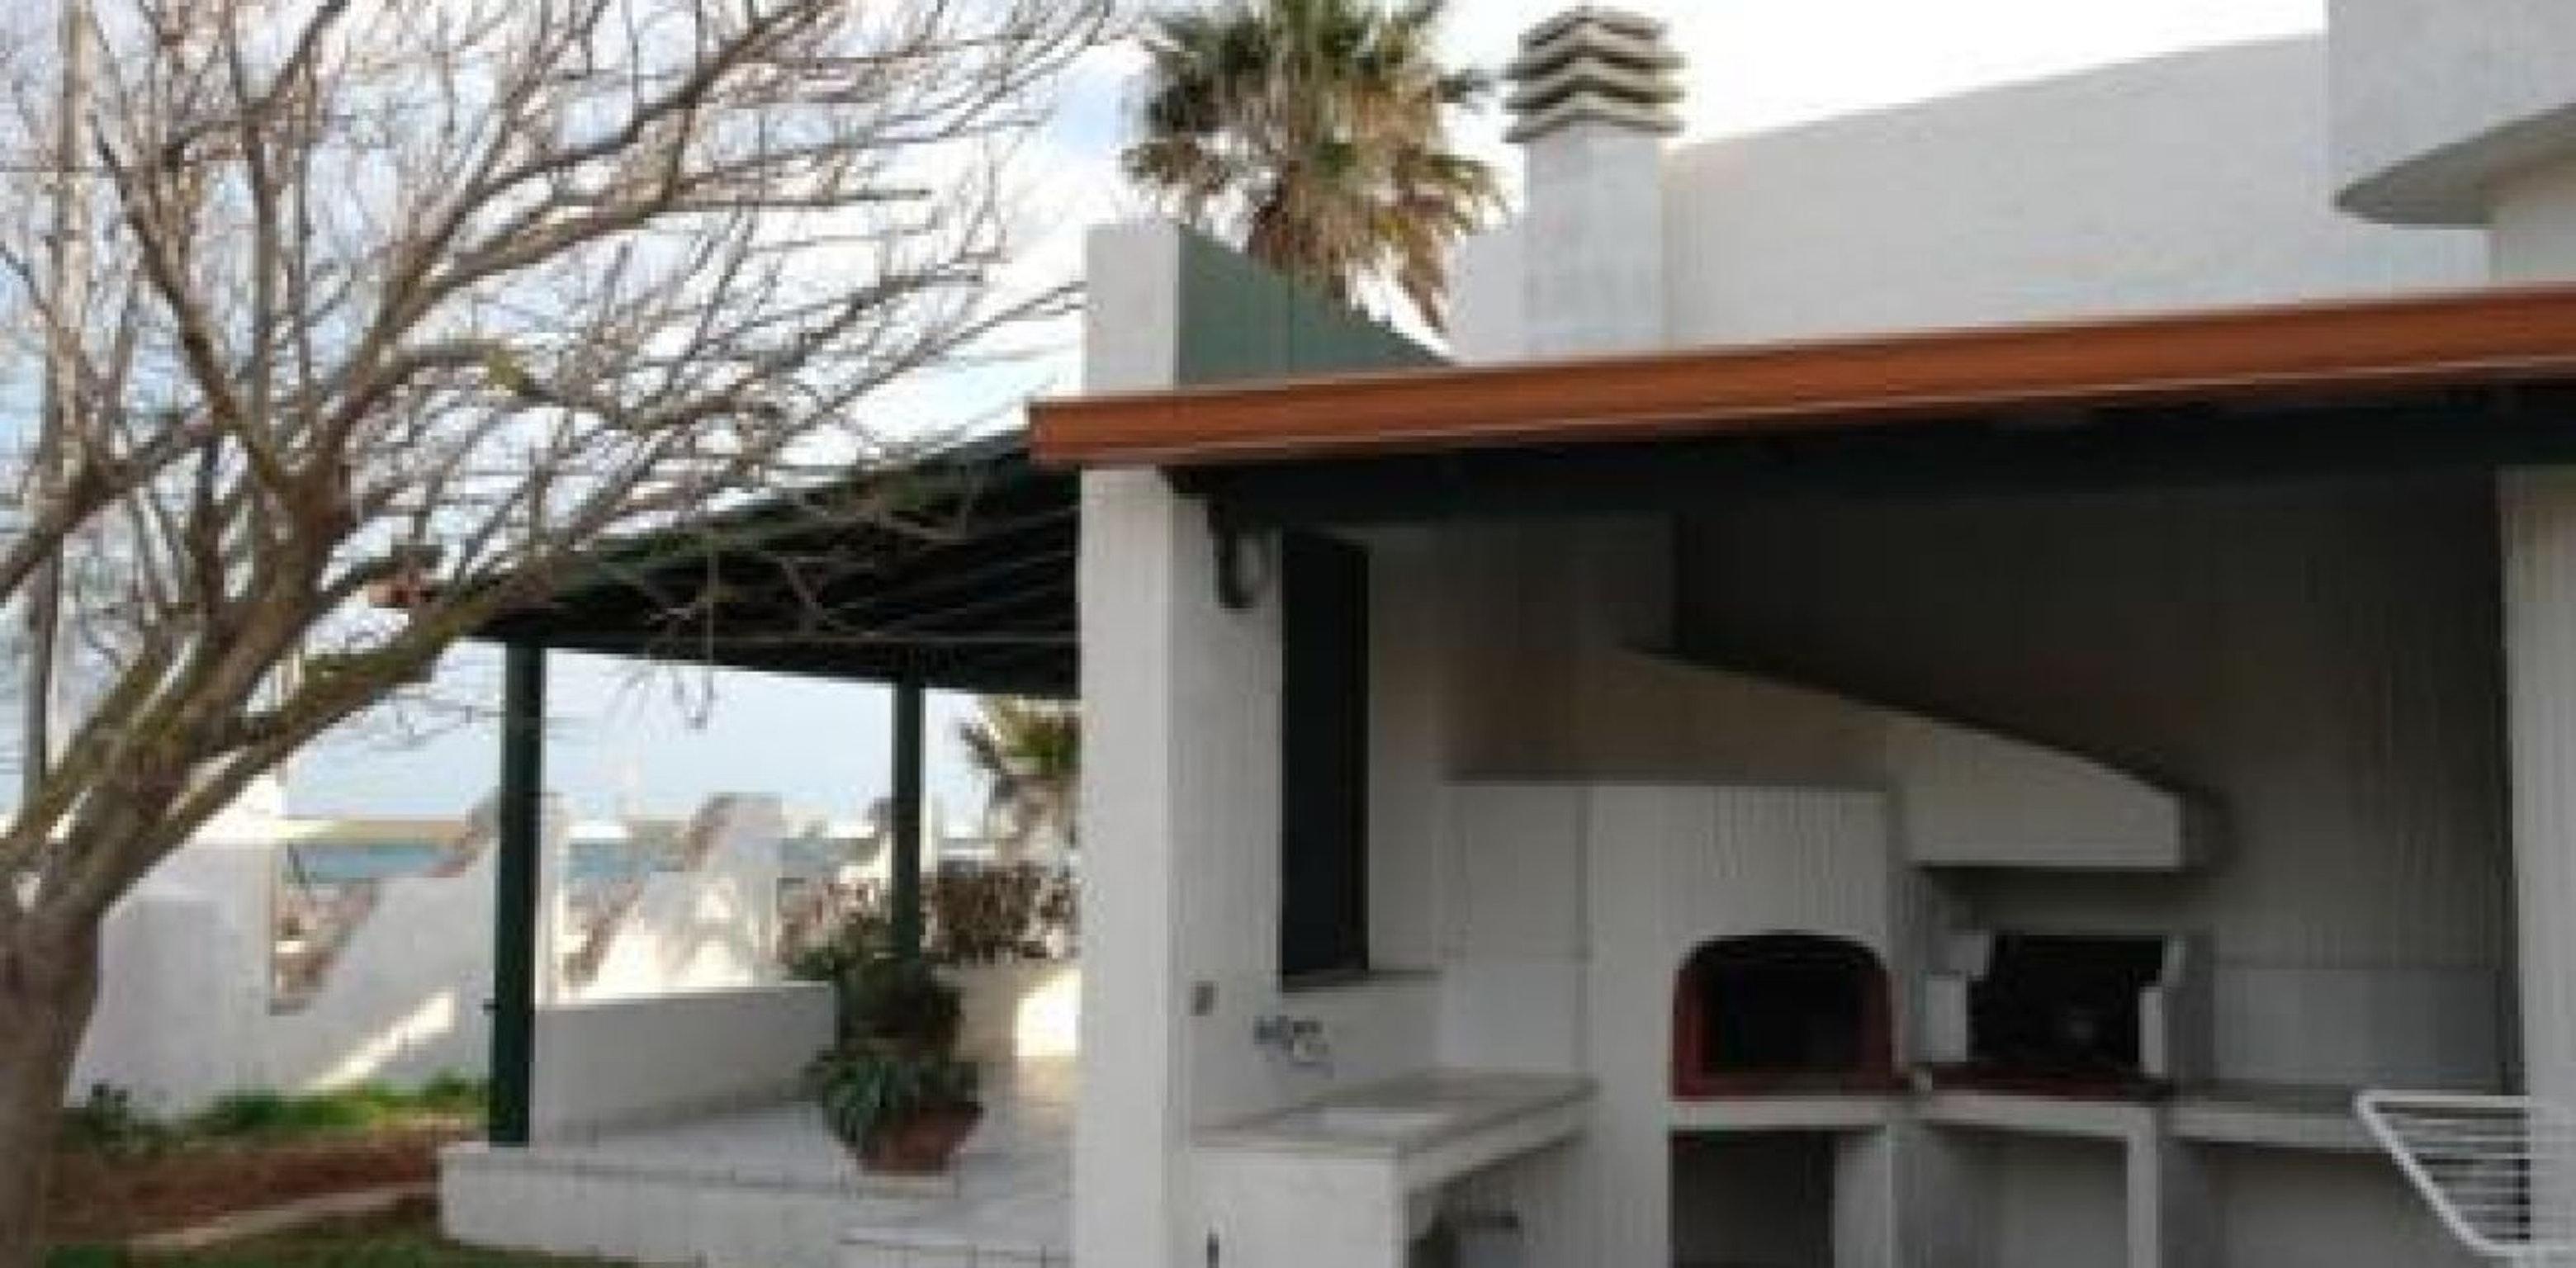 Holiday house Haus mit 3 Schlafzimmern in Mazara del Vallo mit möblierter Terrasse - 10 m vom Strand ent (2425159), Mazara del Vallo, Trapani, Sicily, Italy, picture 2